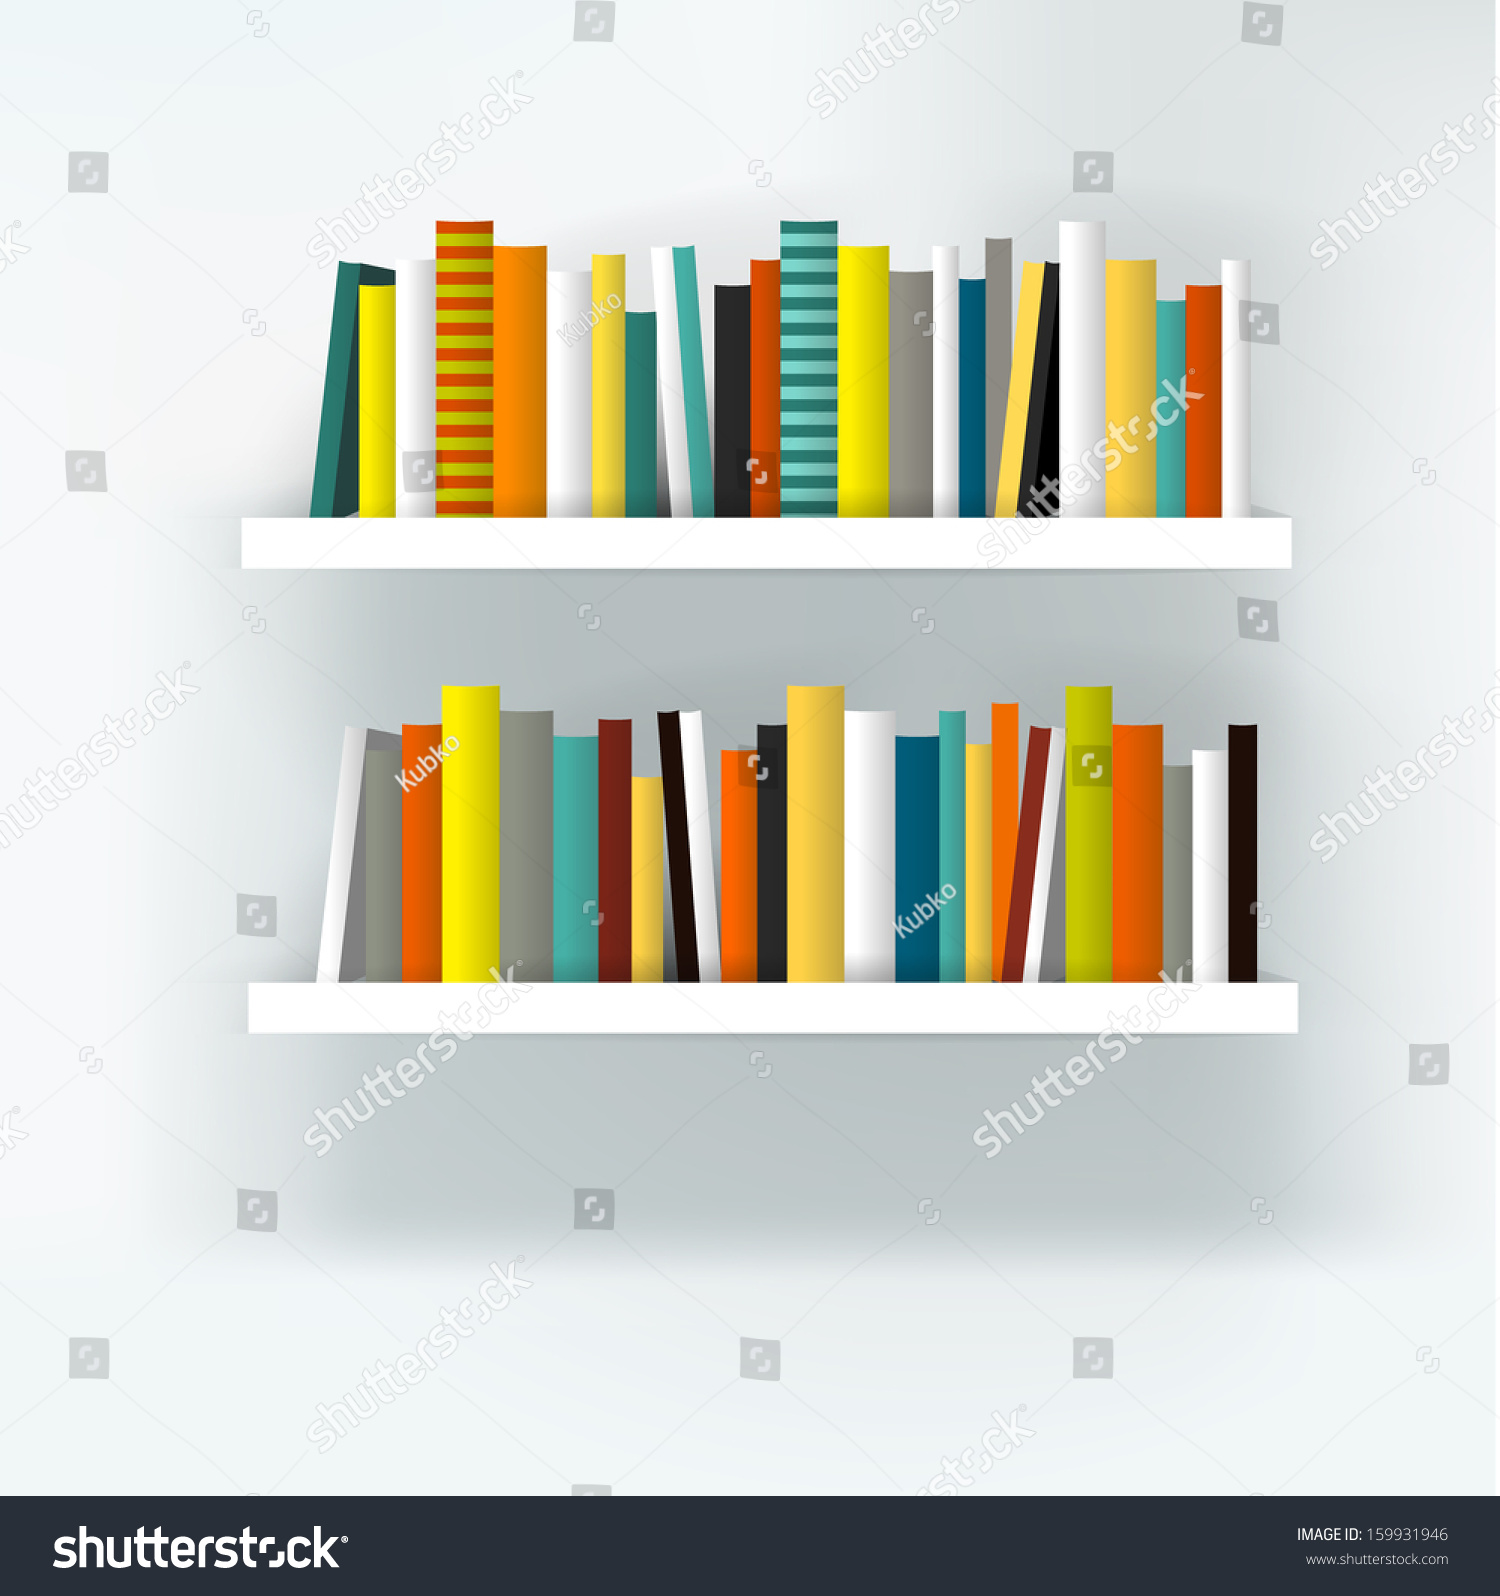 Book shelf interior  Modern furniture design isolated on white  Vector  illustration  Art background. Book Shelf Interior Modern Furniture Design Stock Vector 159931946